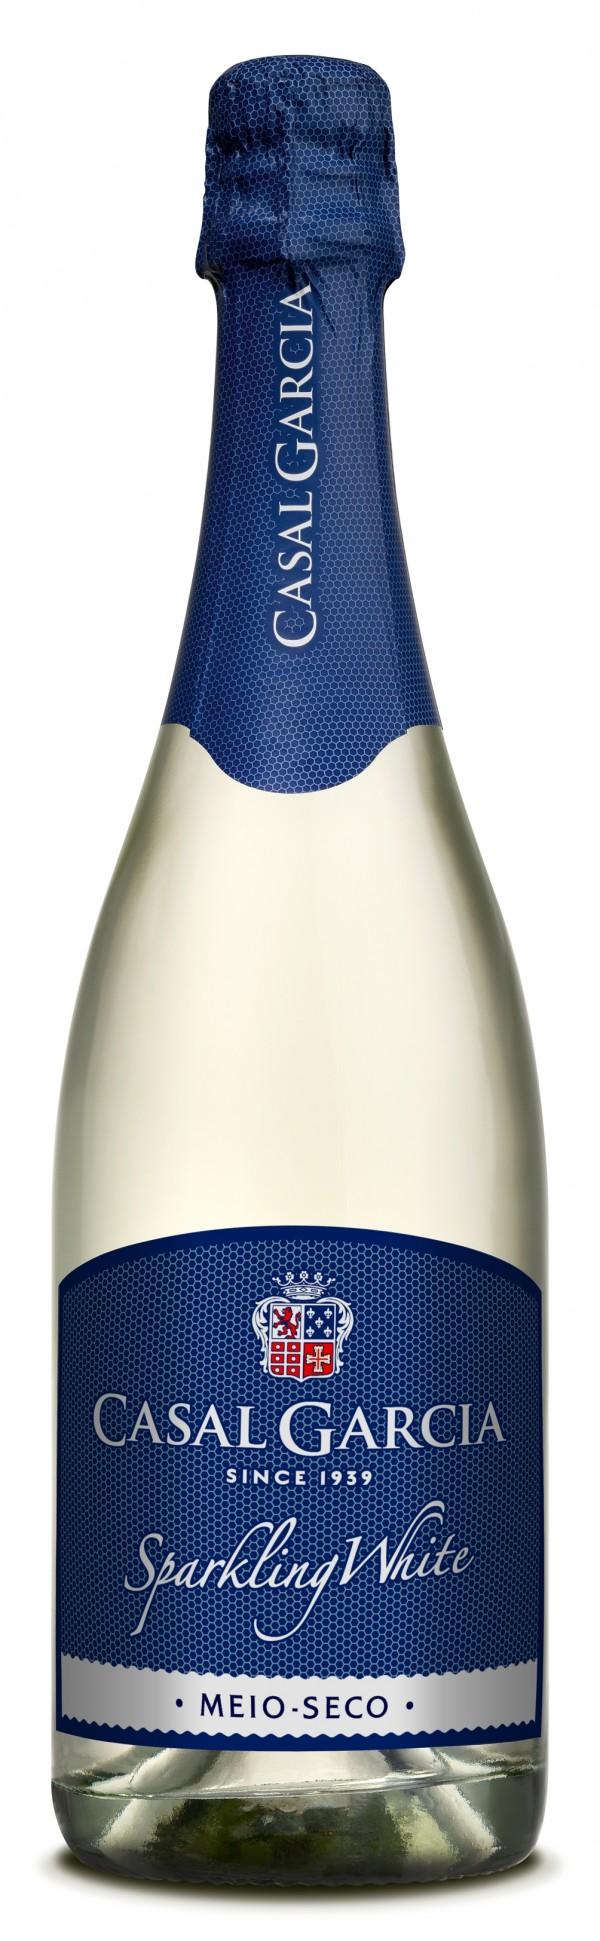 Portugalské šumivé víno sekt Casal Garcia Sparkling na eshopu vína z Portugalska